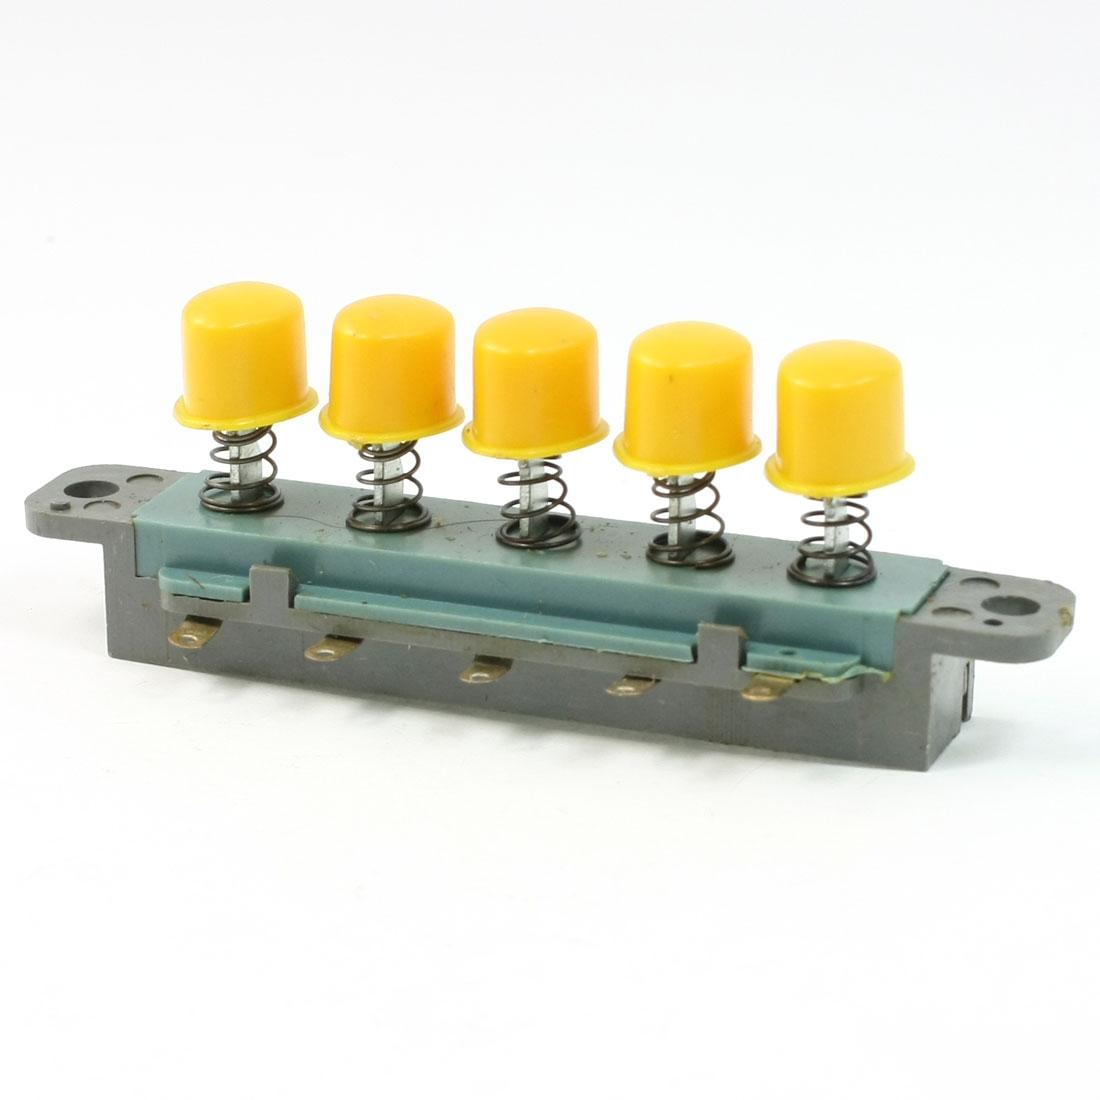 AC 250V 1A 5 Keys Latching Momentary Interlock Yellow Pushbutton Switch